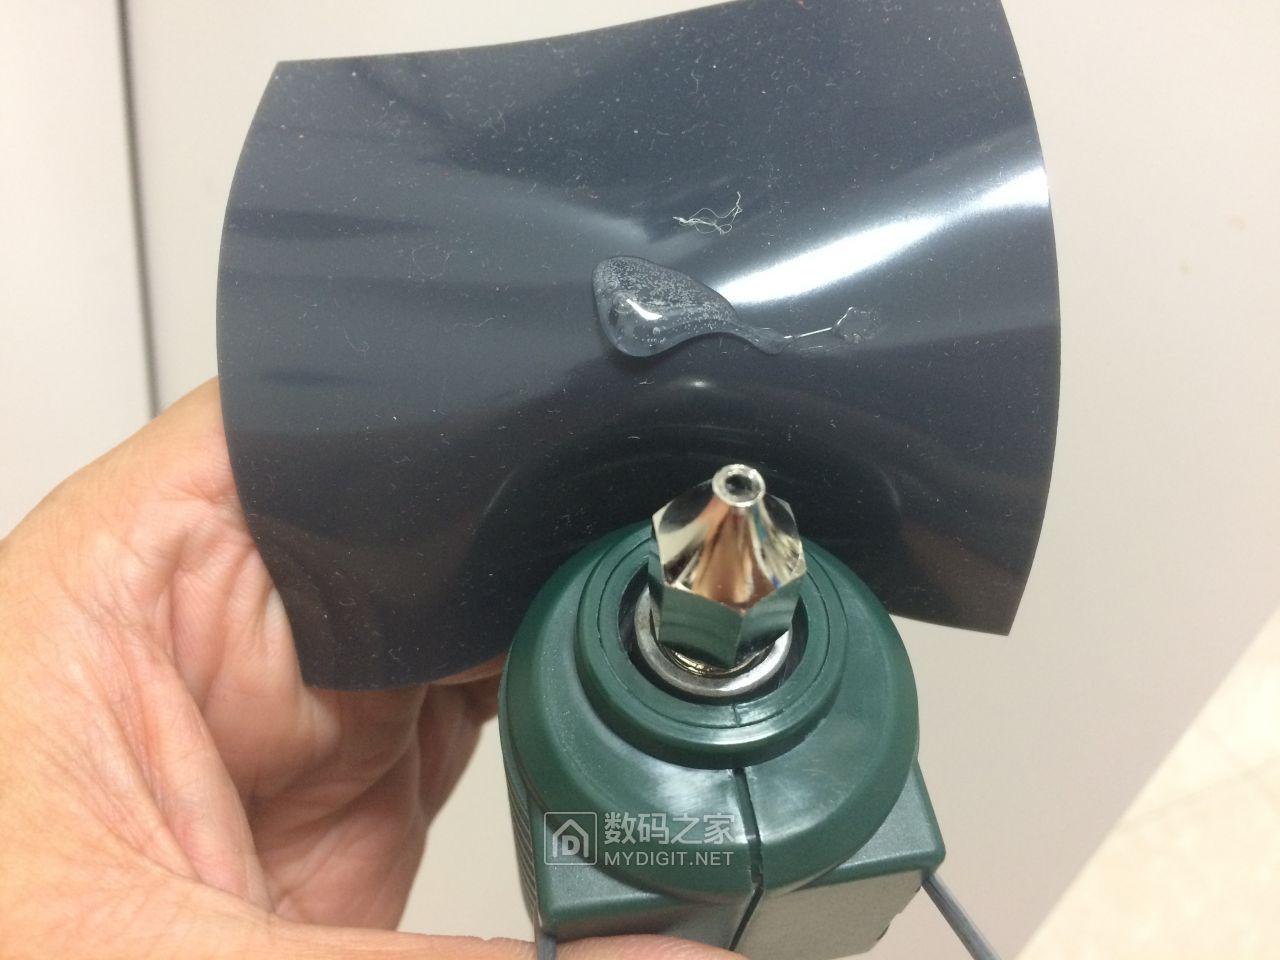 用这个胶垫擦拭枪嘴冷却后不会粘